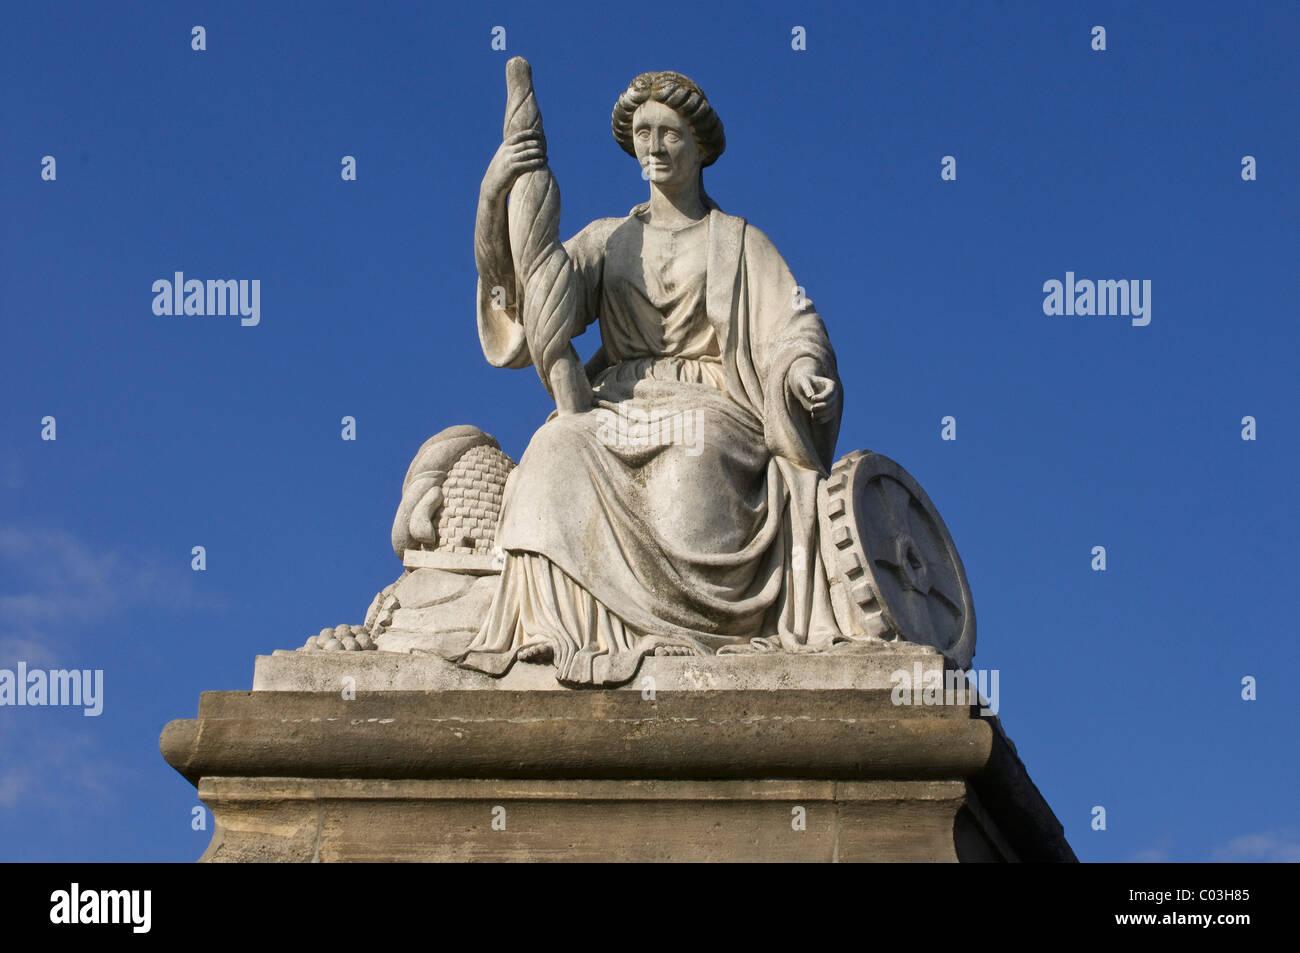 Statue de l'agriculture et de l'industrie porte du château, Mayence, Rhénanie-Palatinat, Allemagne, Photo Stock